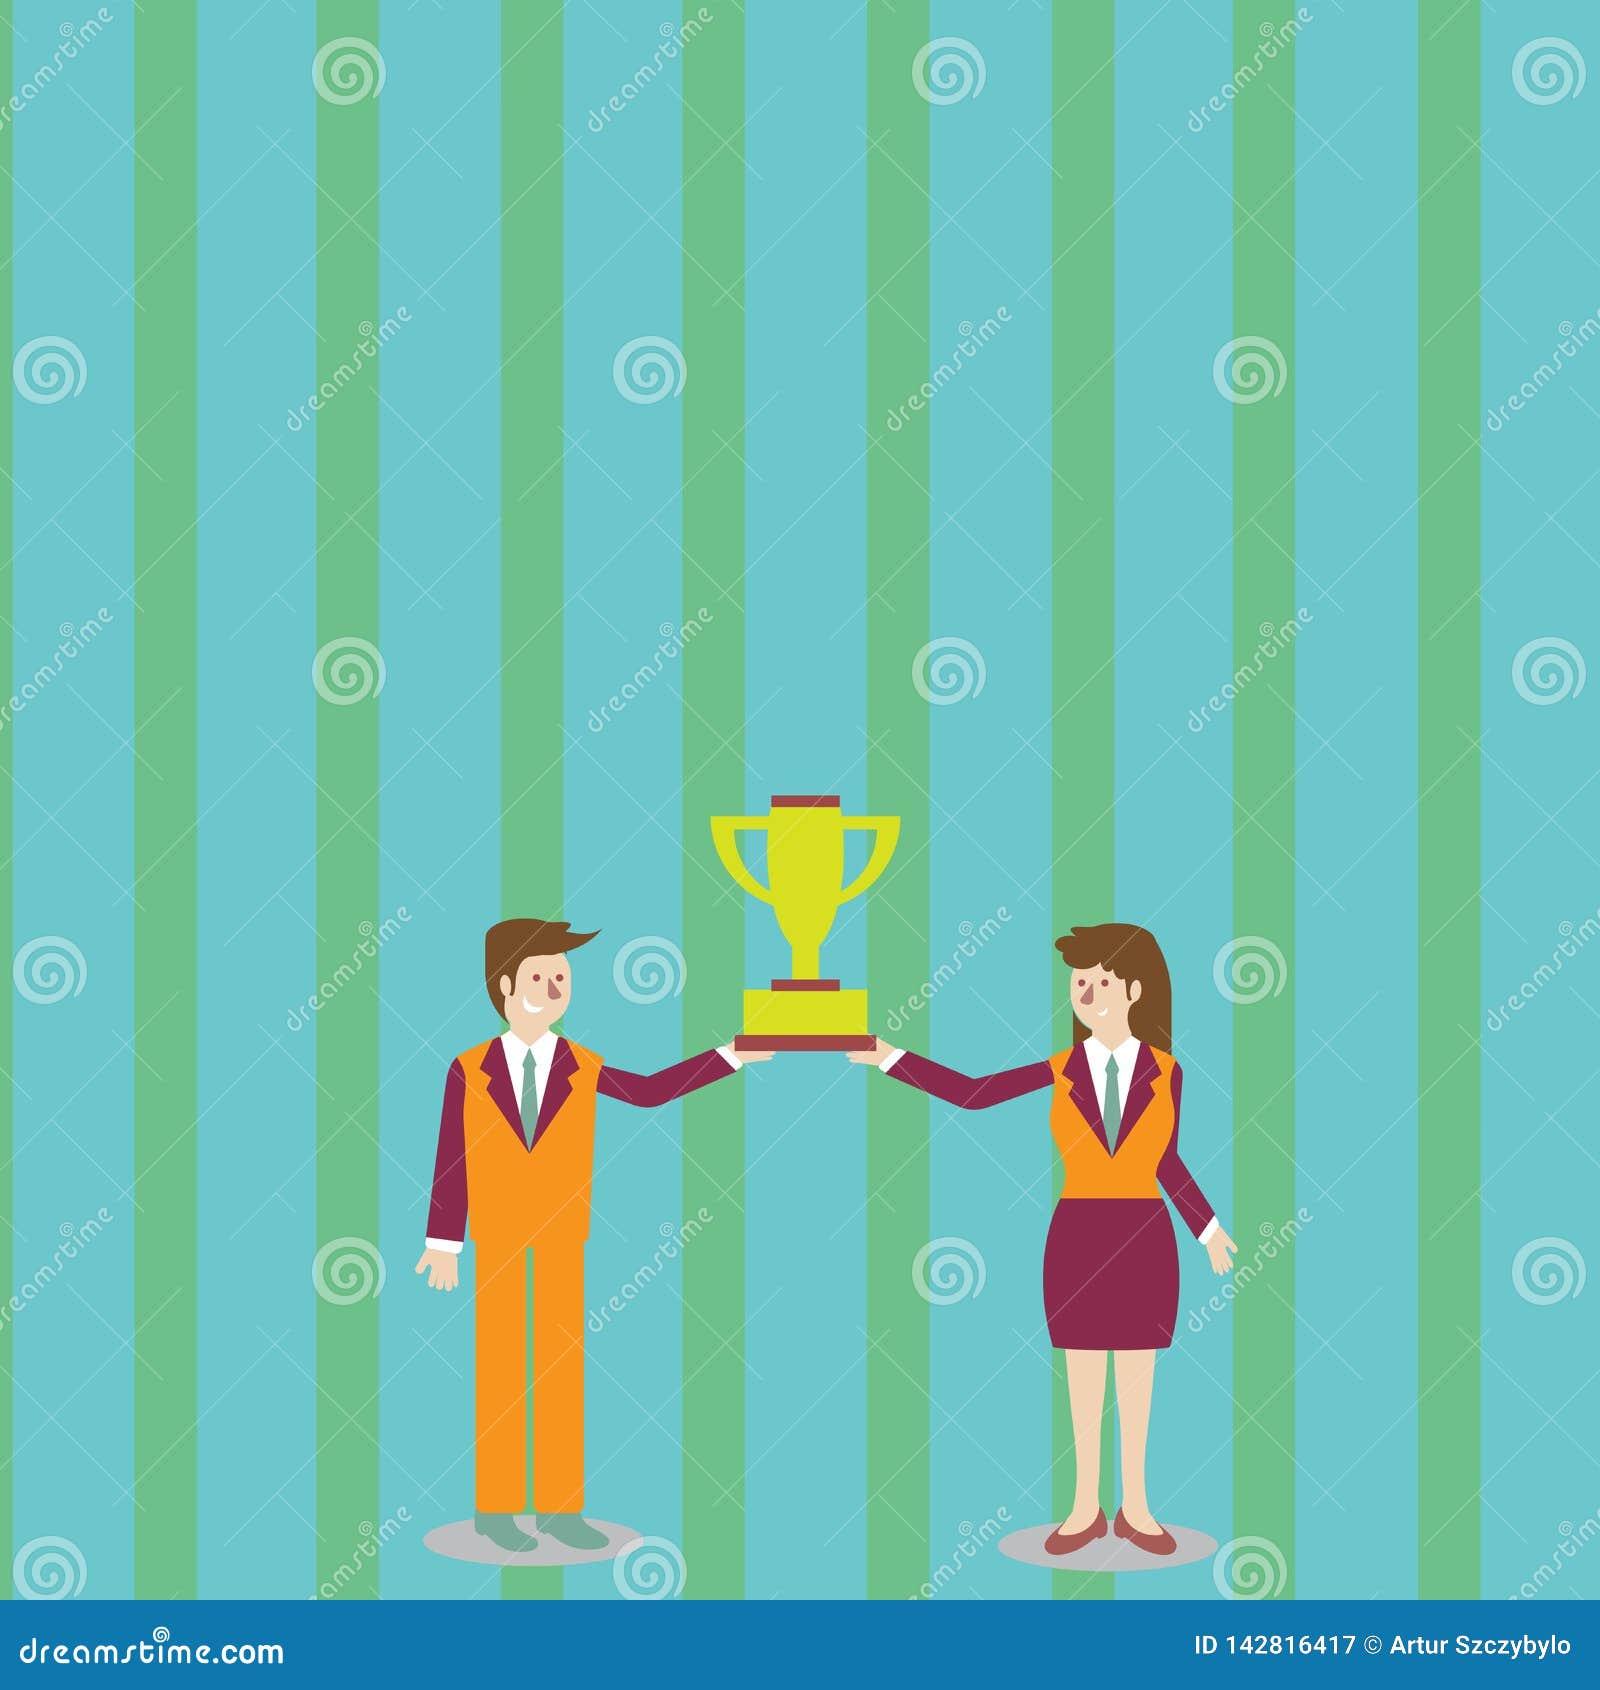 西装的相连冠军优胜者战利品杯在他们之间的男人和妇女 创造性的背景